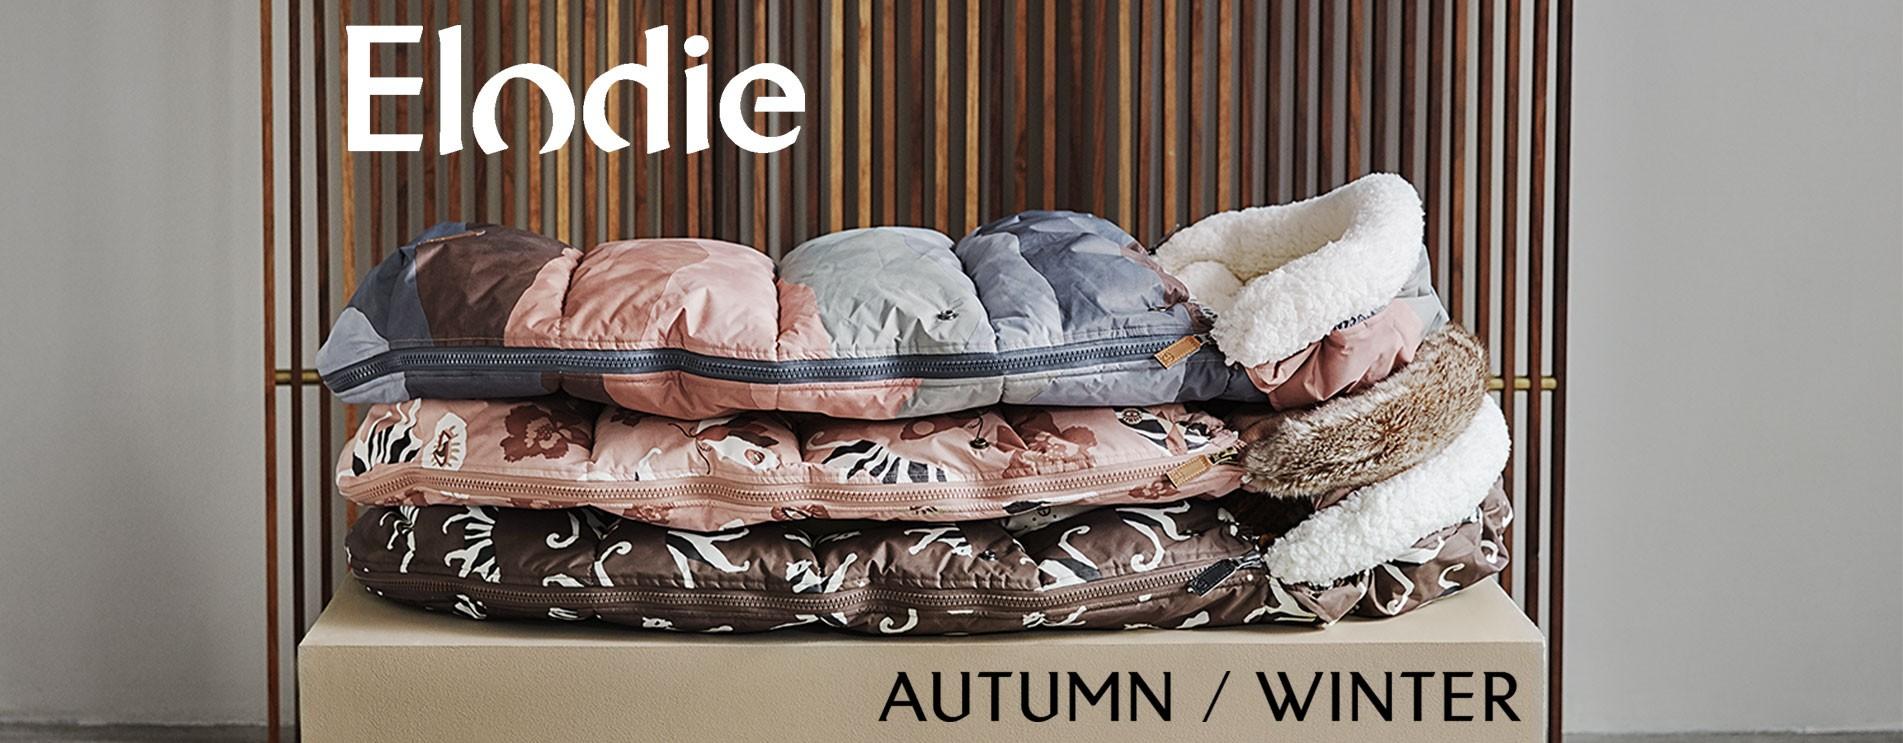 Descubre la nueva colección Elodie para este otoño/invierno 2021